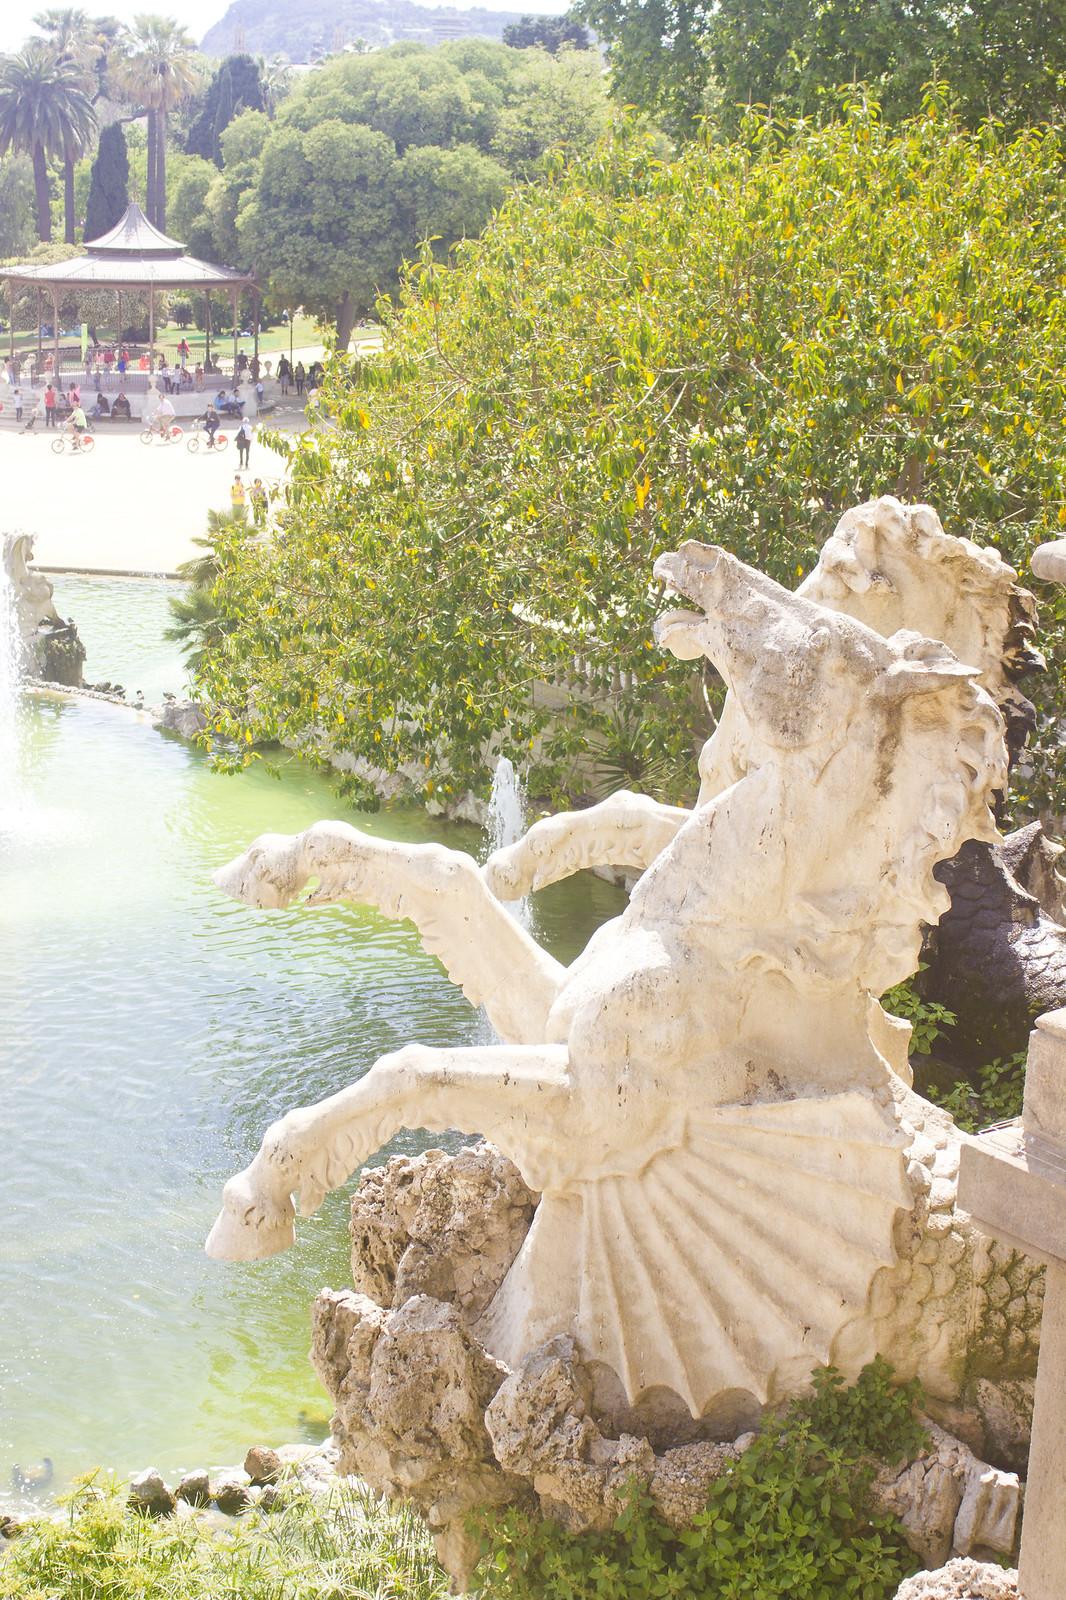 details from Parc de la ciutadella in barcelona